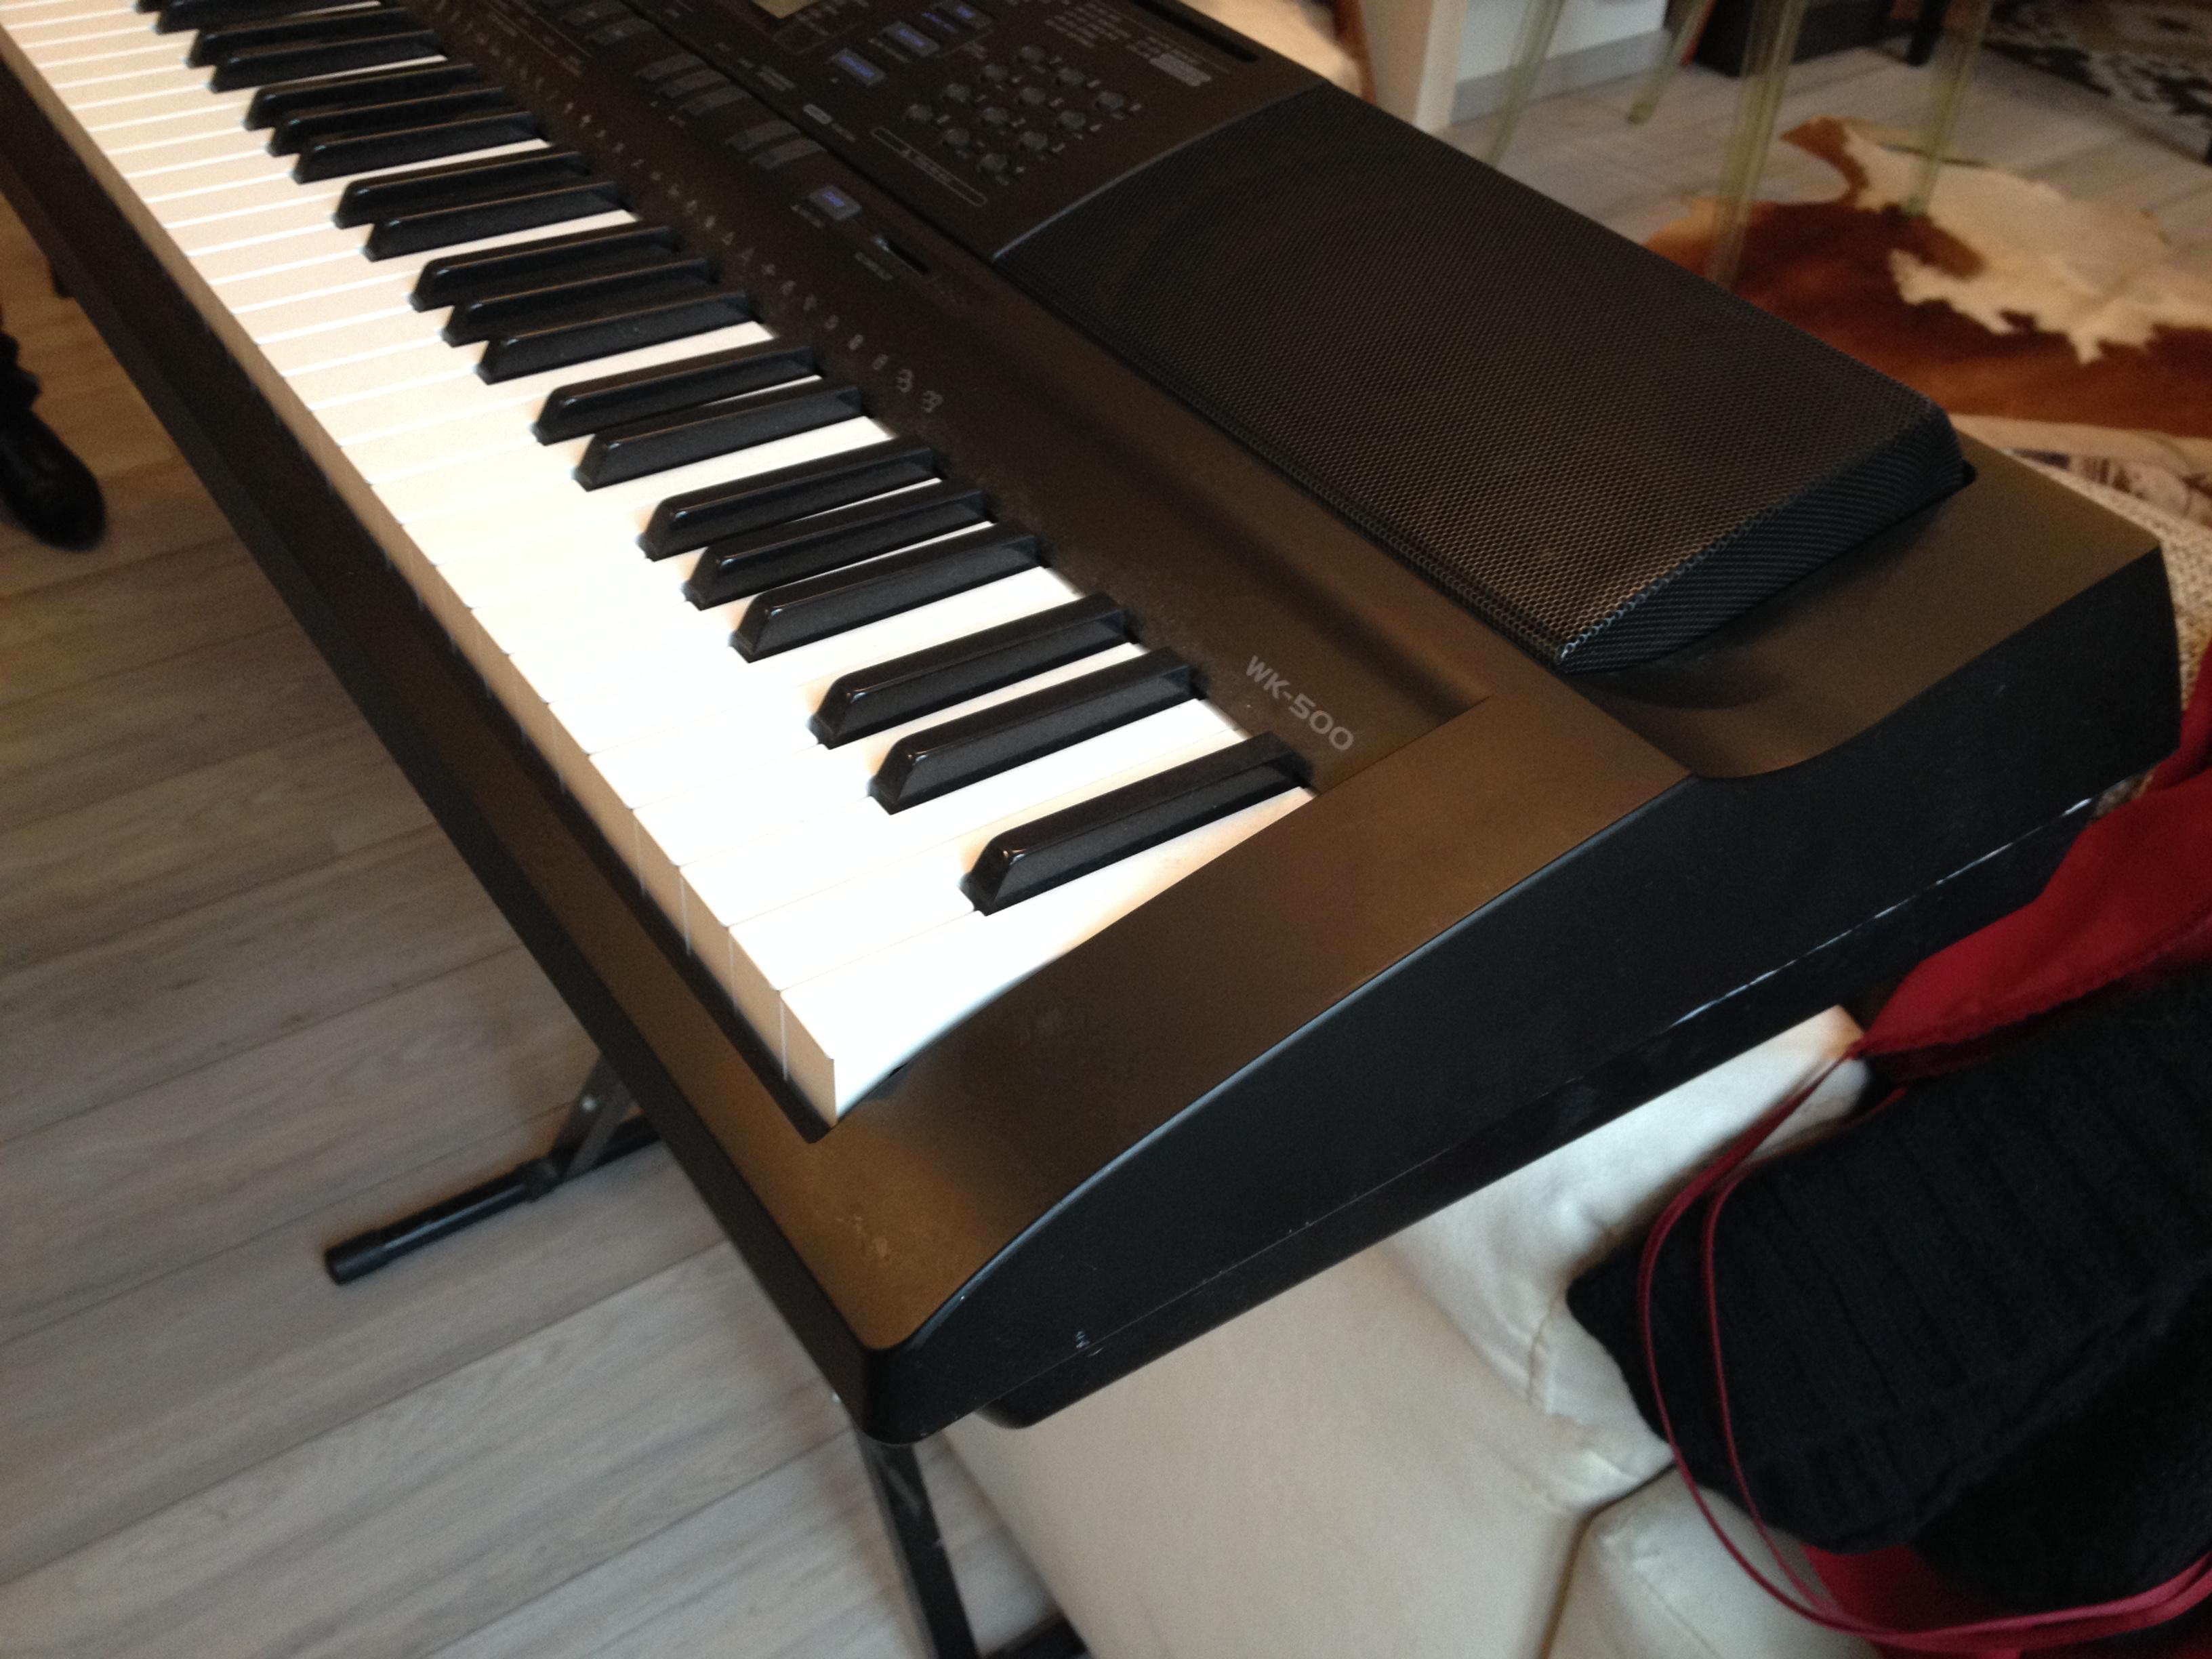 Casio Wk 500 Keyboard : casio wk 500 image 1006605 audiofanzine ~ Hamham.info Haus und Dekorationen